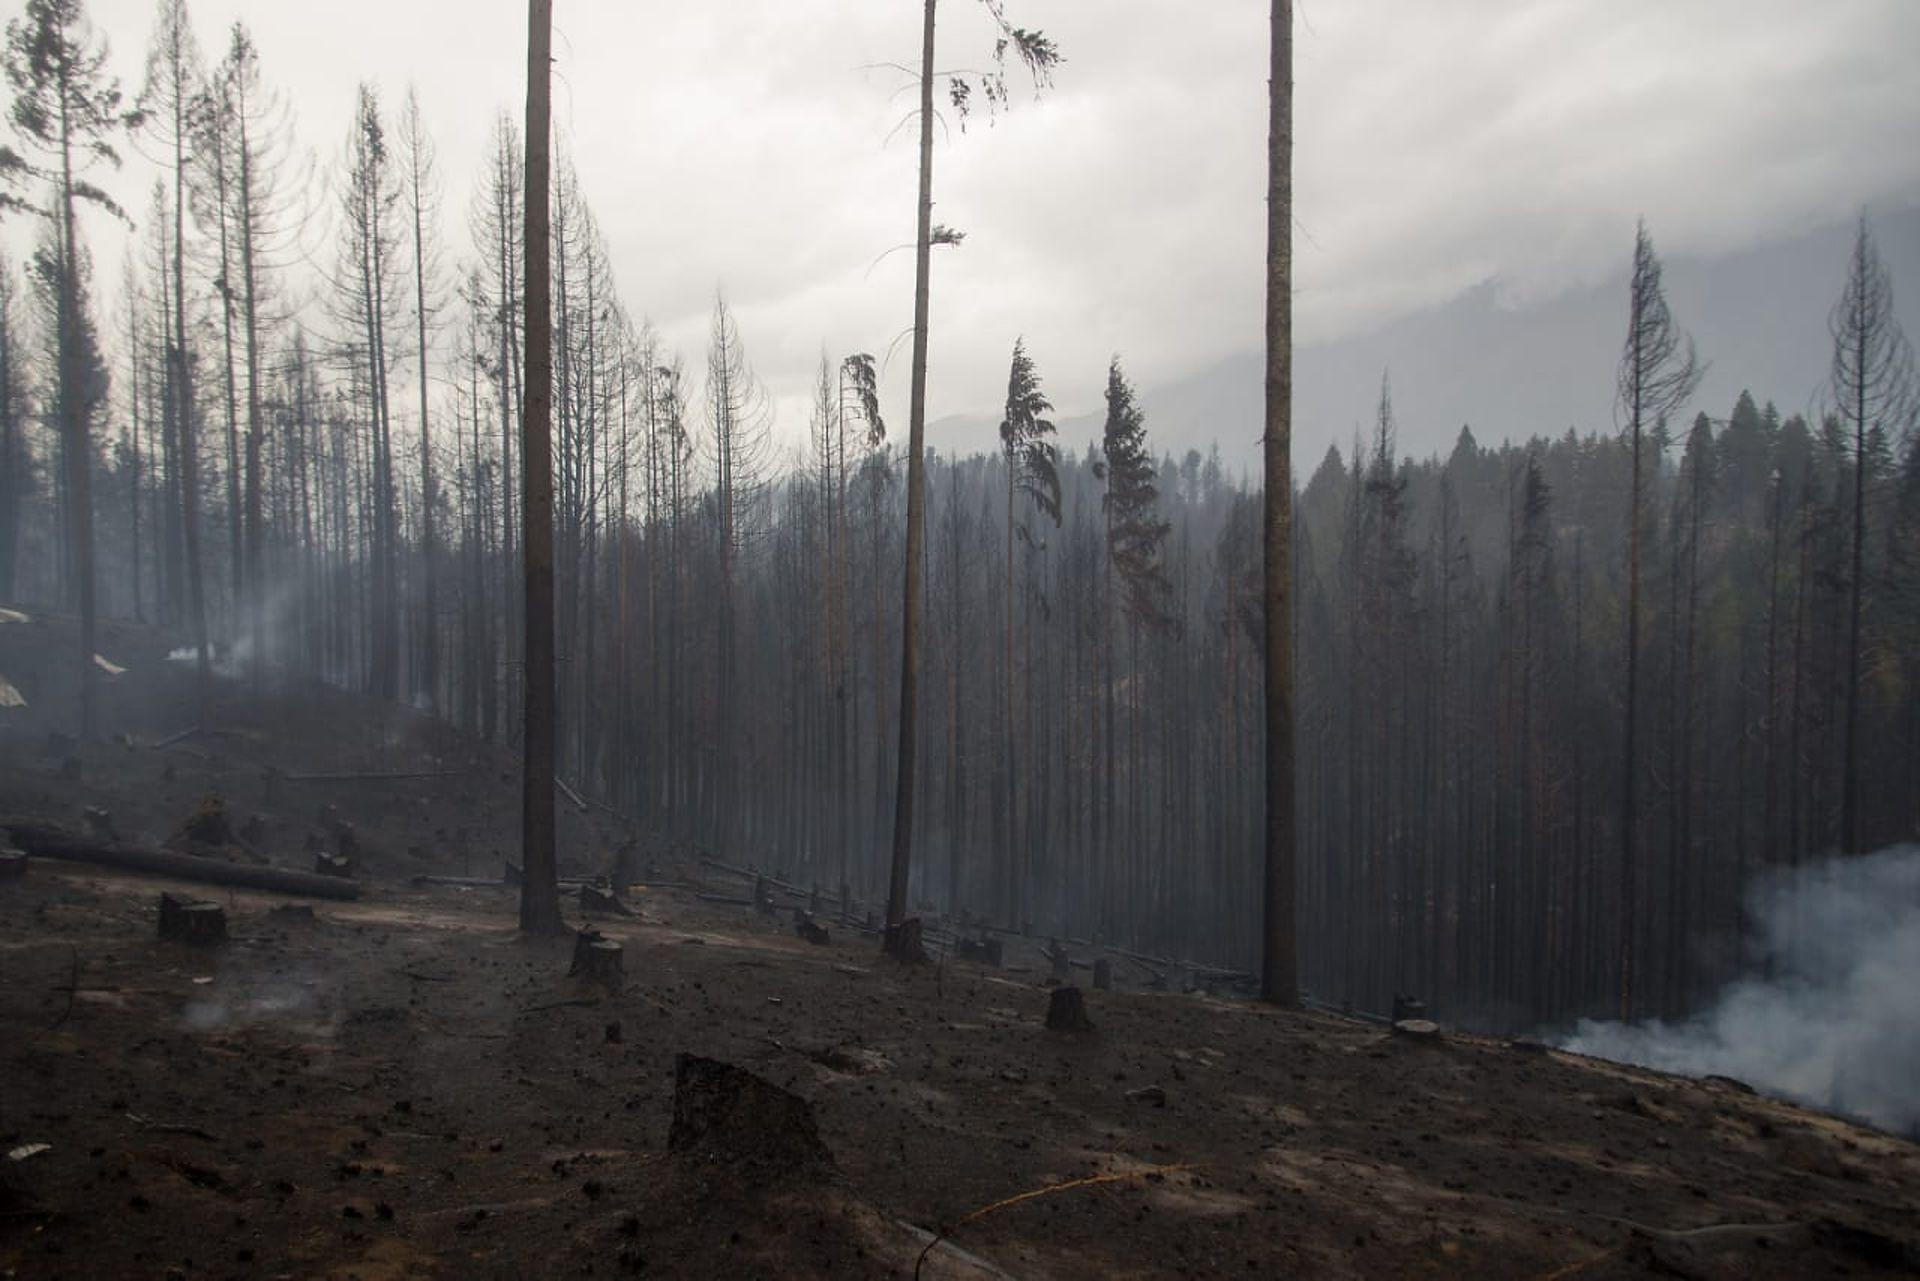 Los bosques fueron arrasados por el fuego